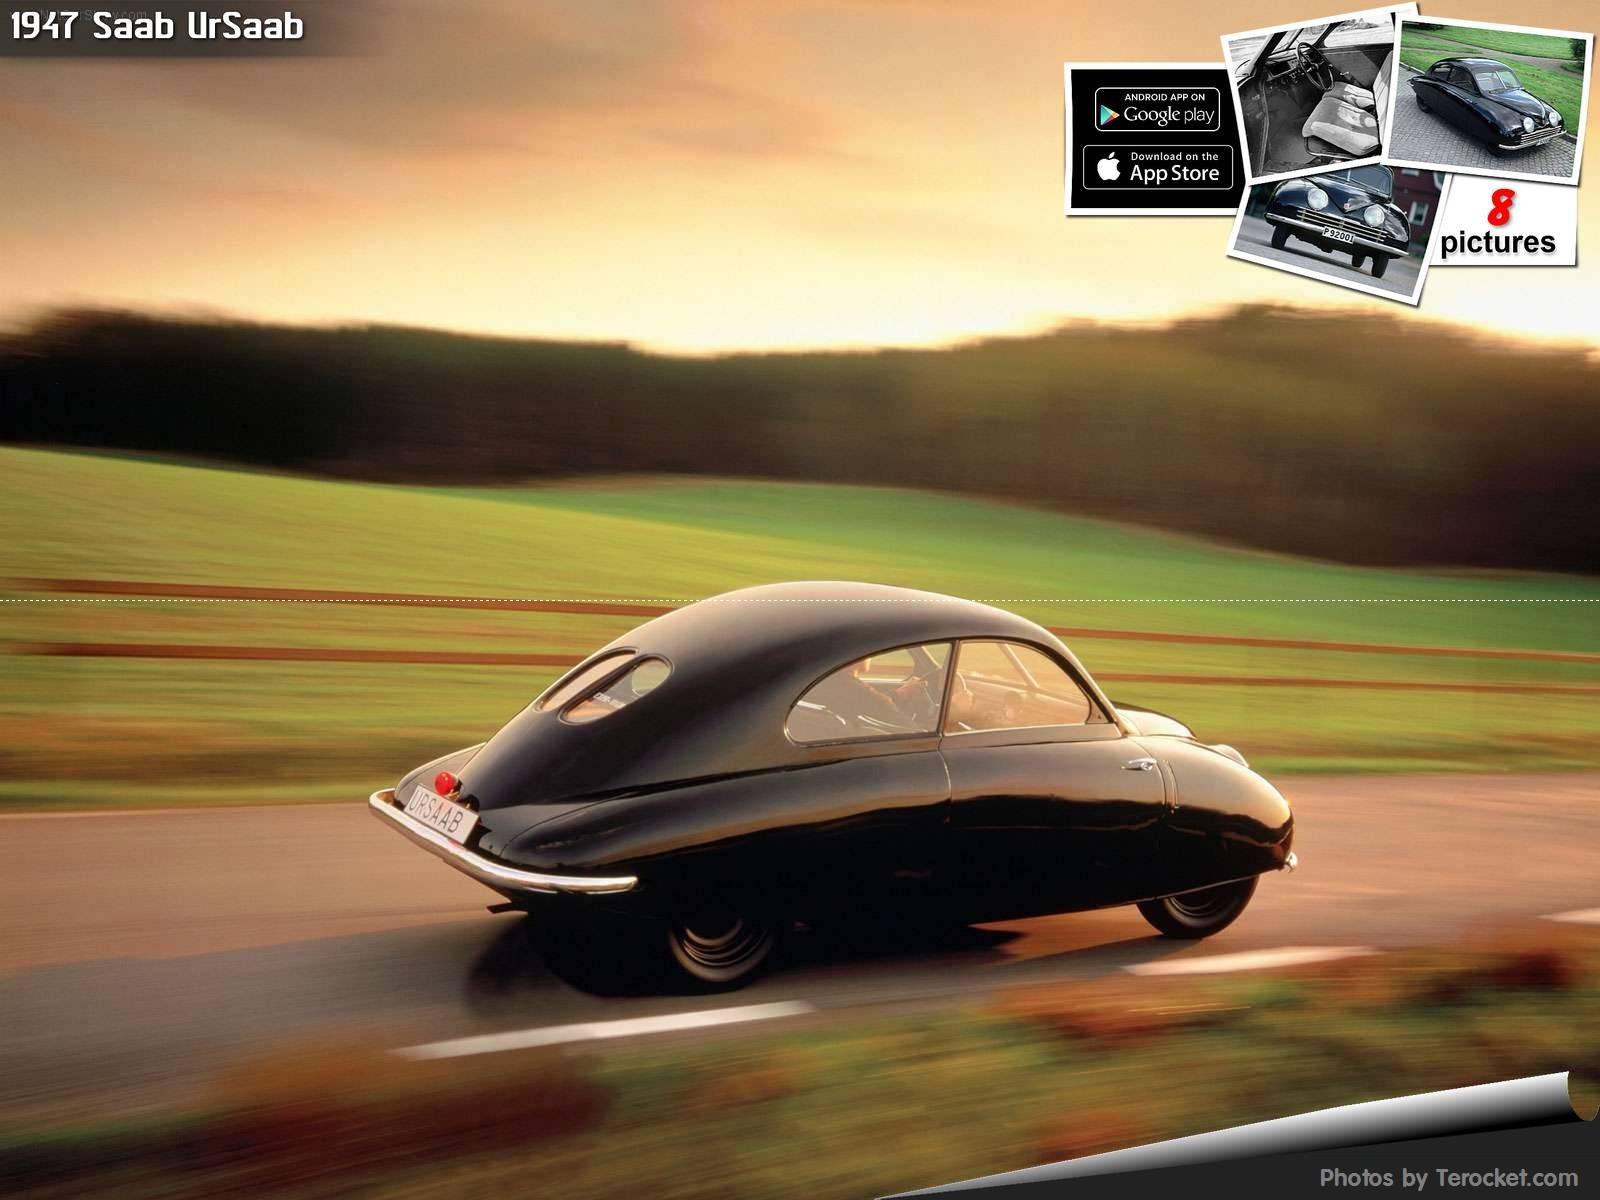 Hình ảnh xe ô tô Saab UrSaab 1947 & nội ngoại thất